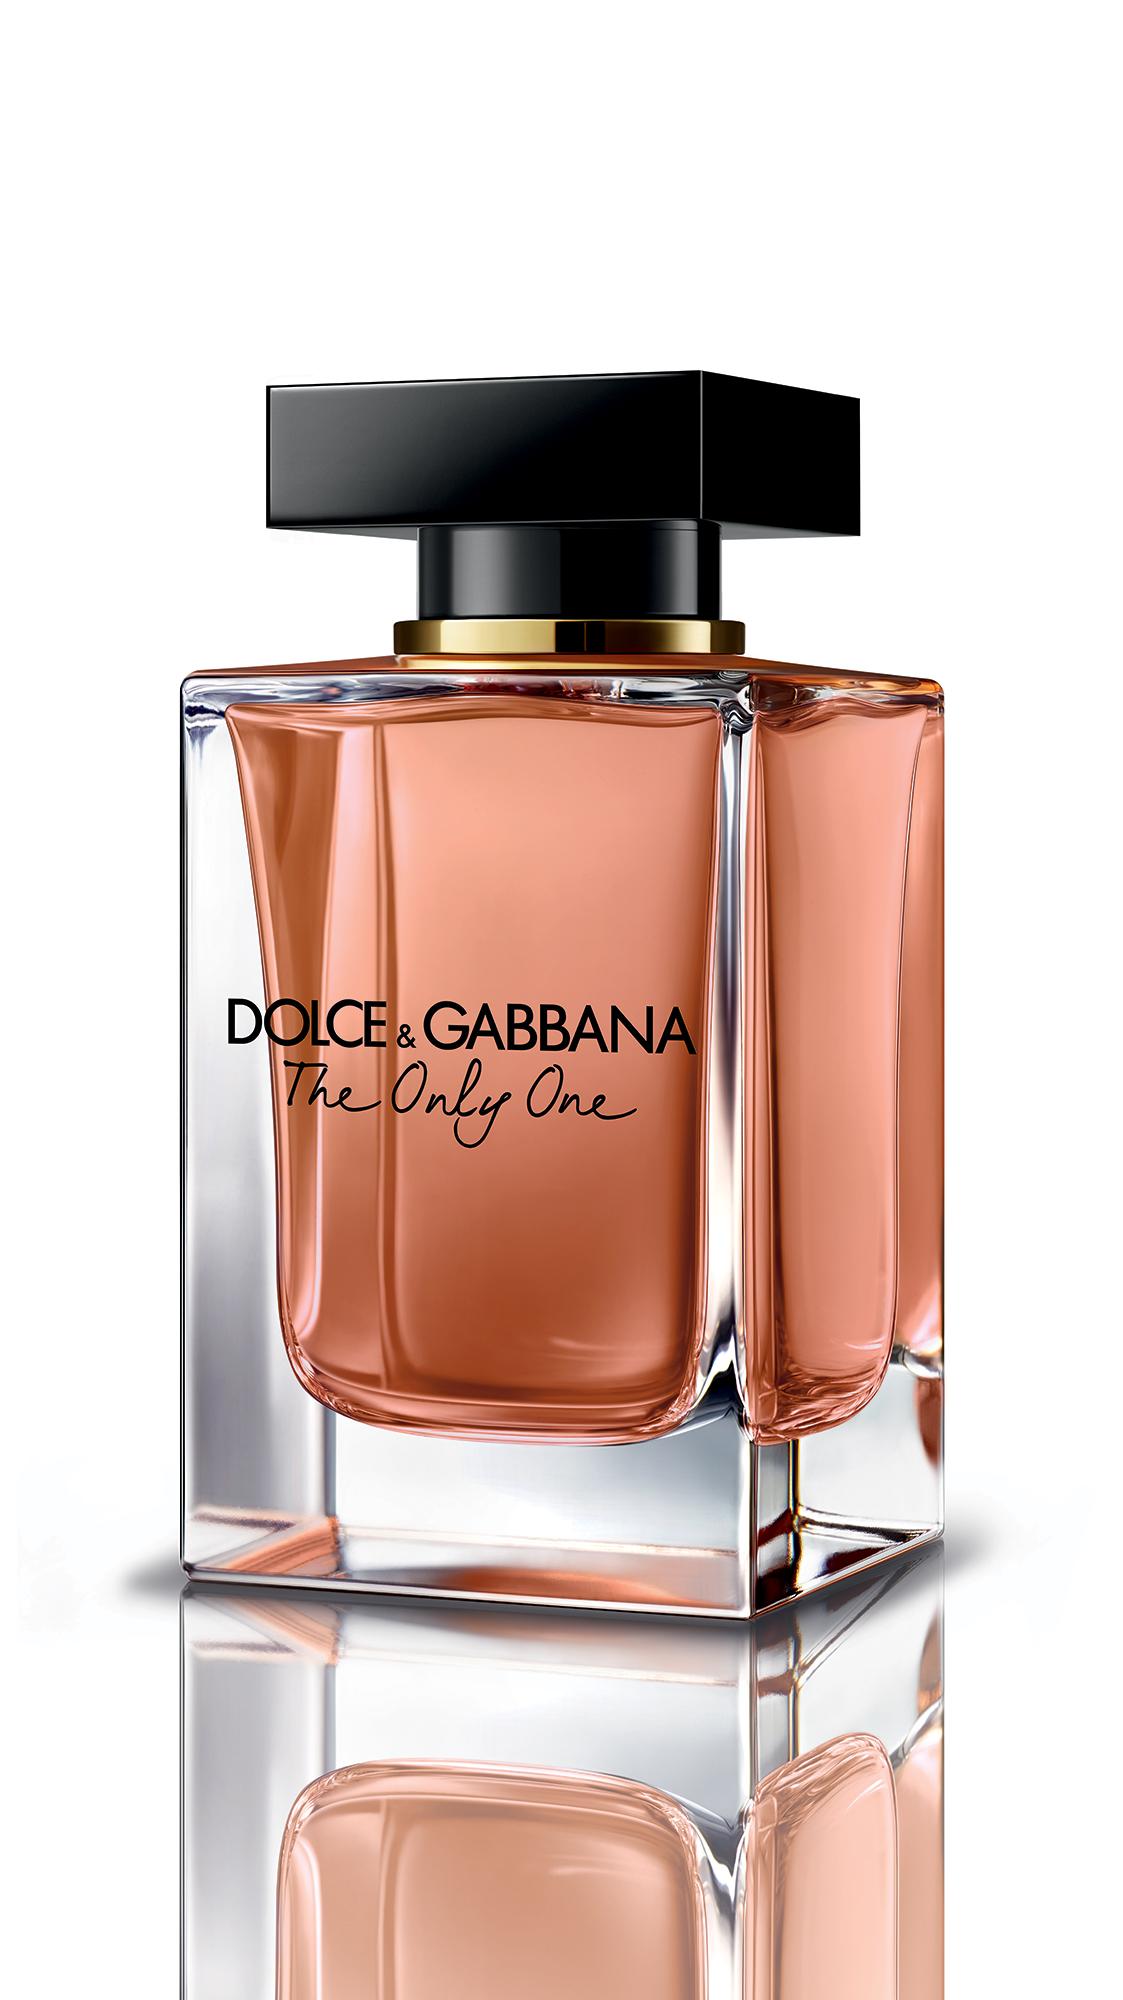 Dolce Nk8opx0w Femme Gabbana 2018 Parfum CBedxoWr